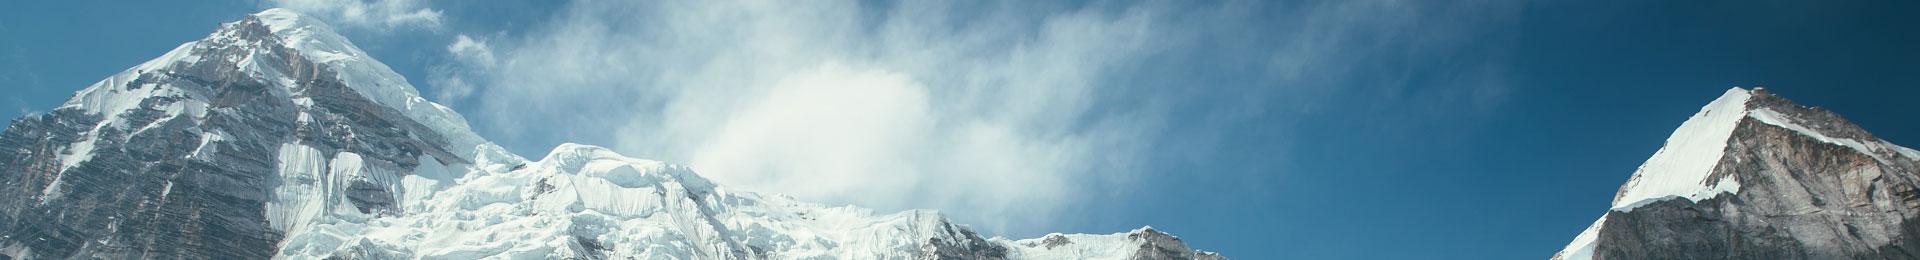 Побачити Еверест